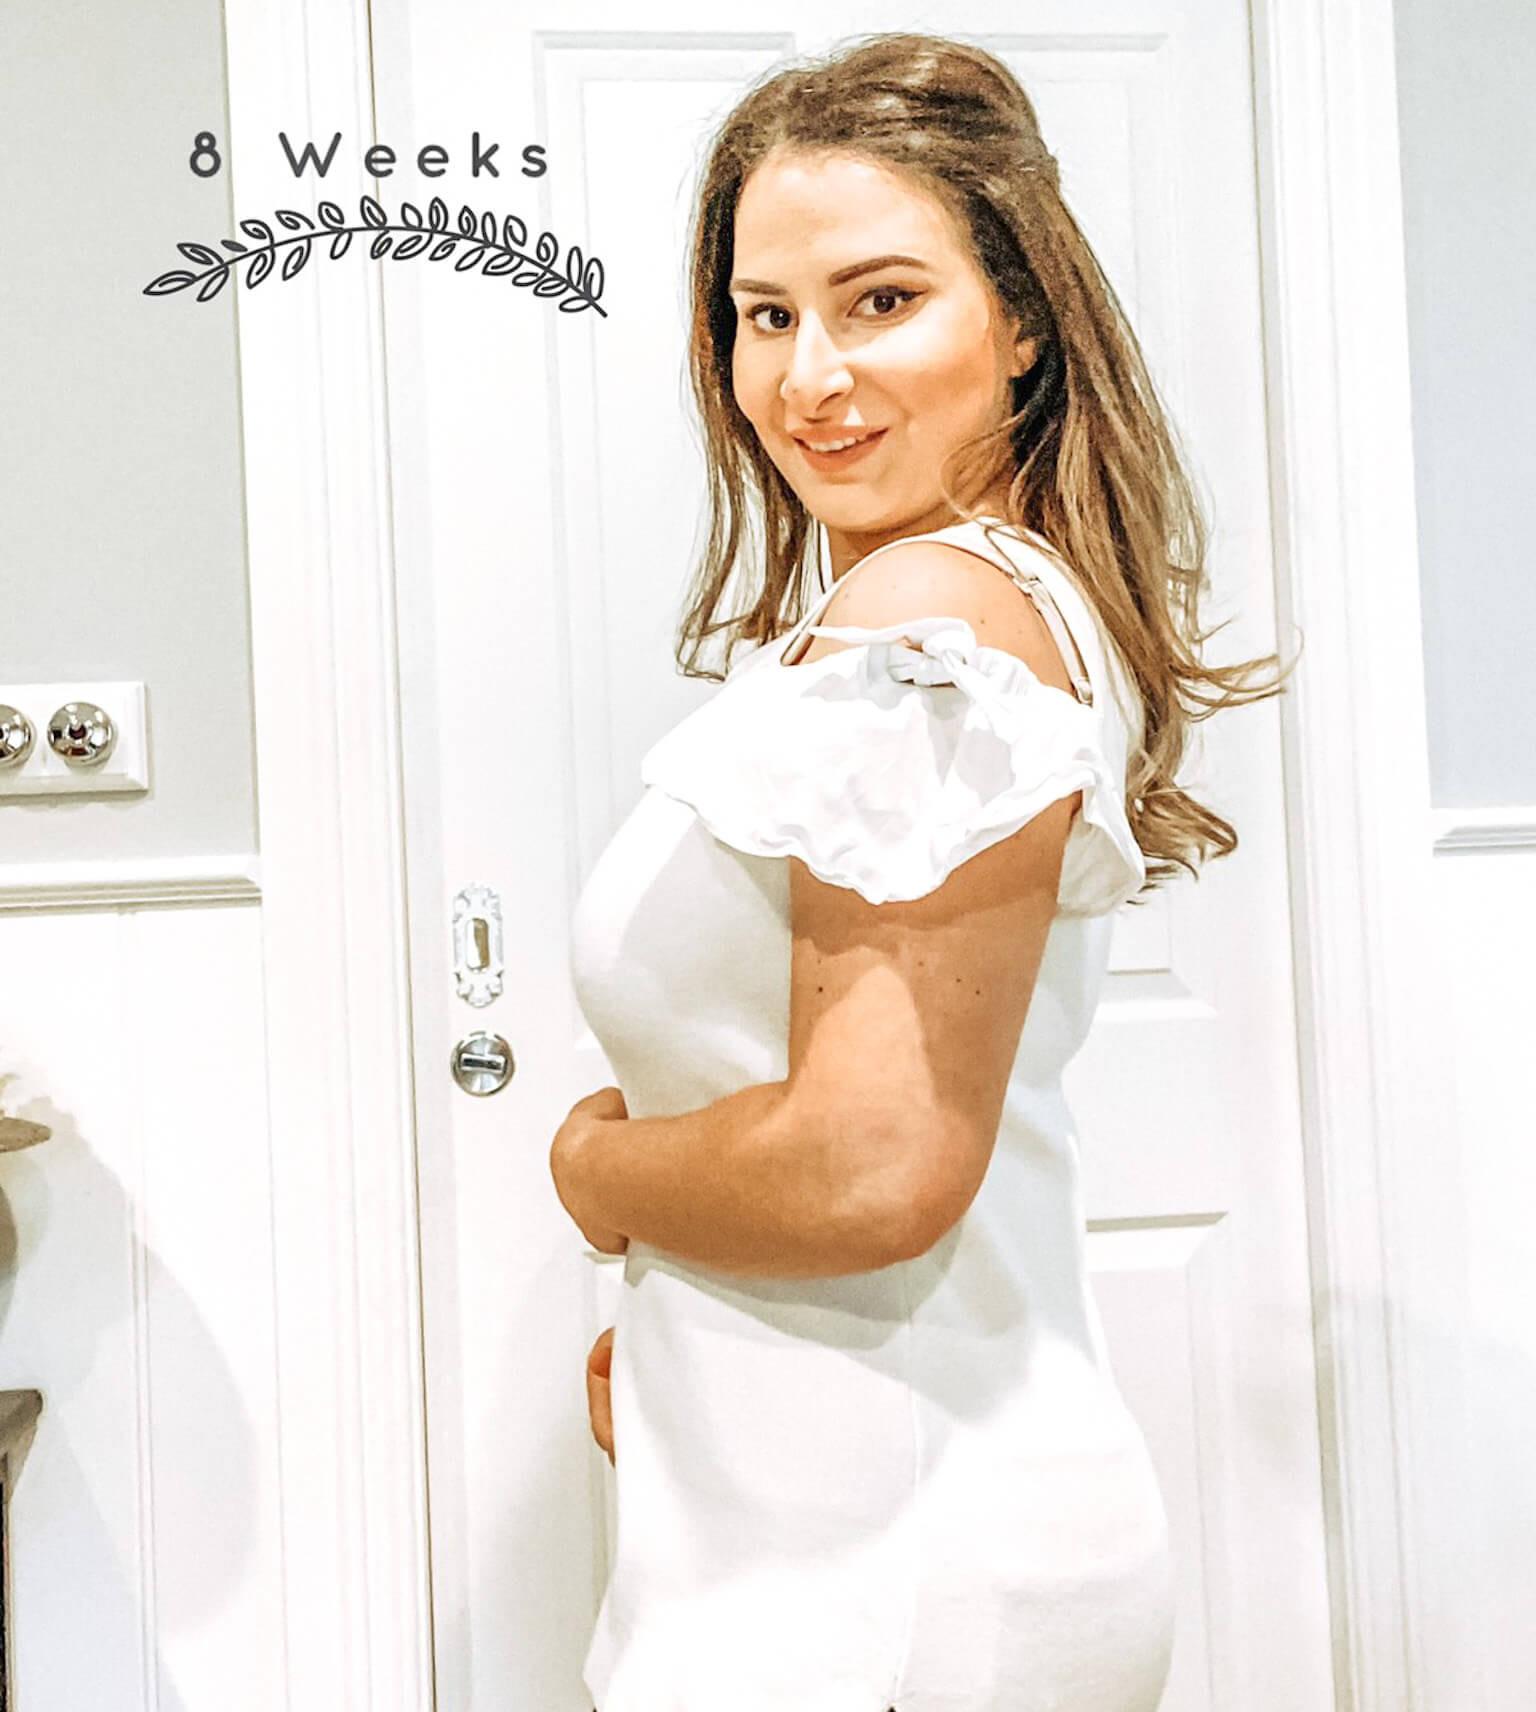 Sandra_8weeks